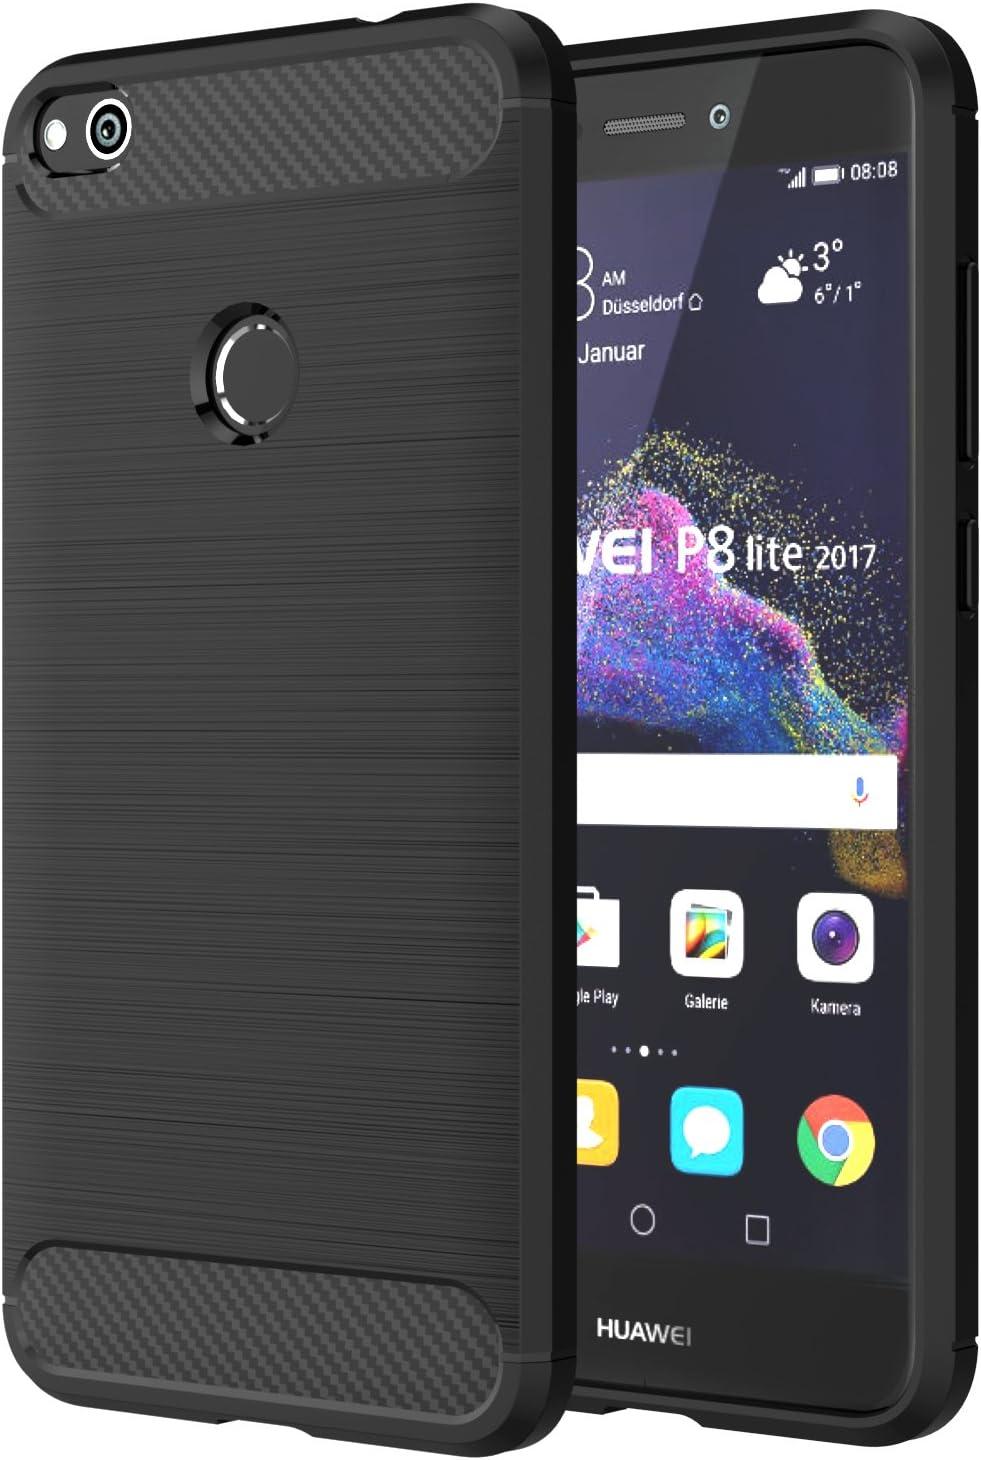 MoKo Funda para Huawei P8 Lite 2017: Amazon.es: Electrónica